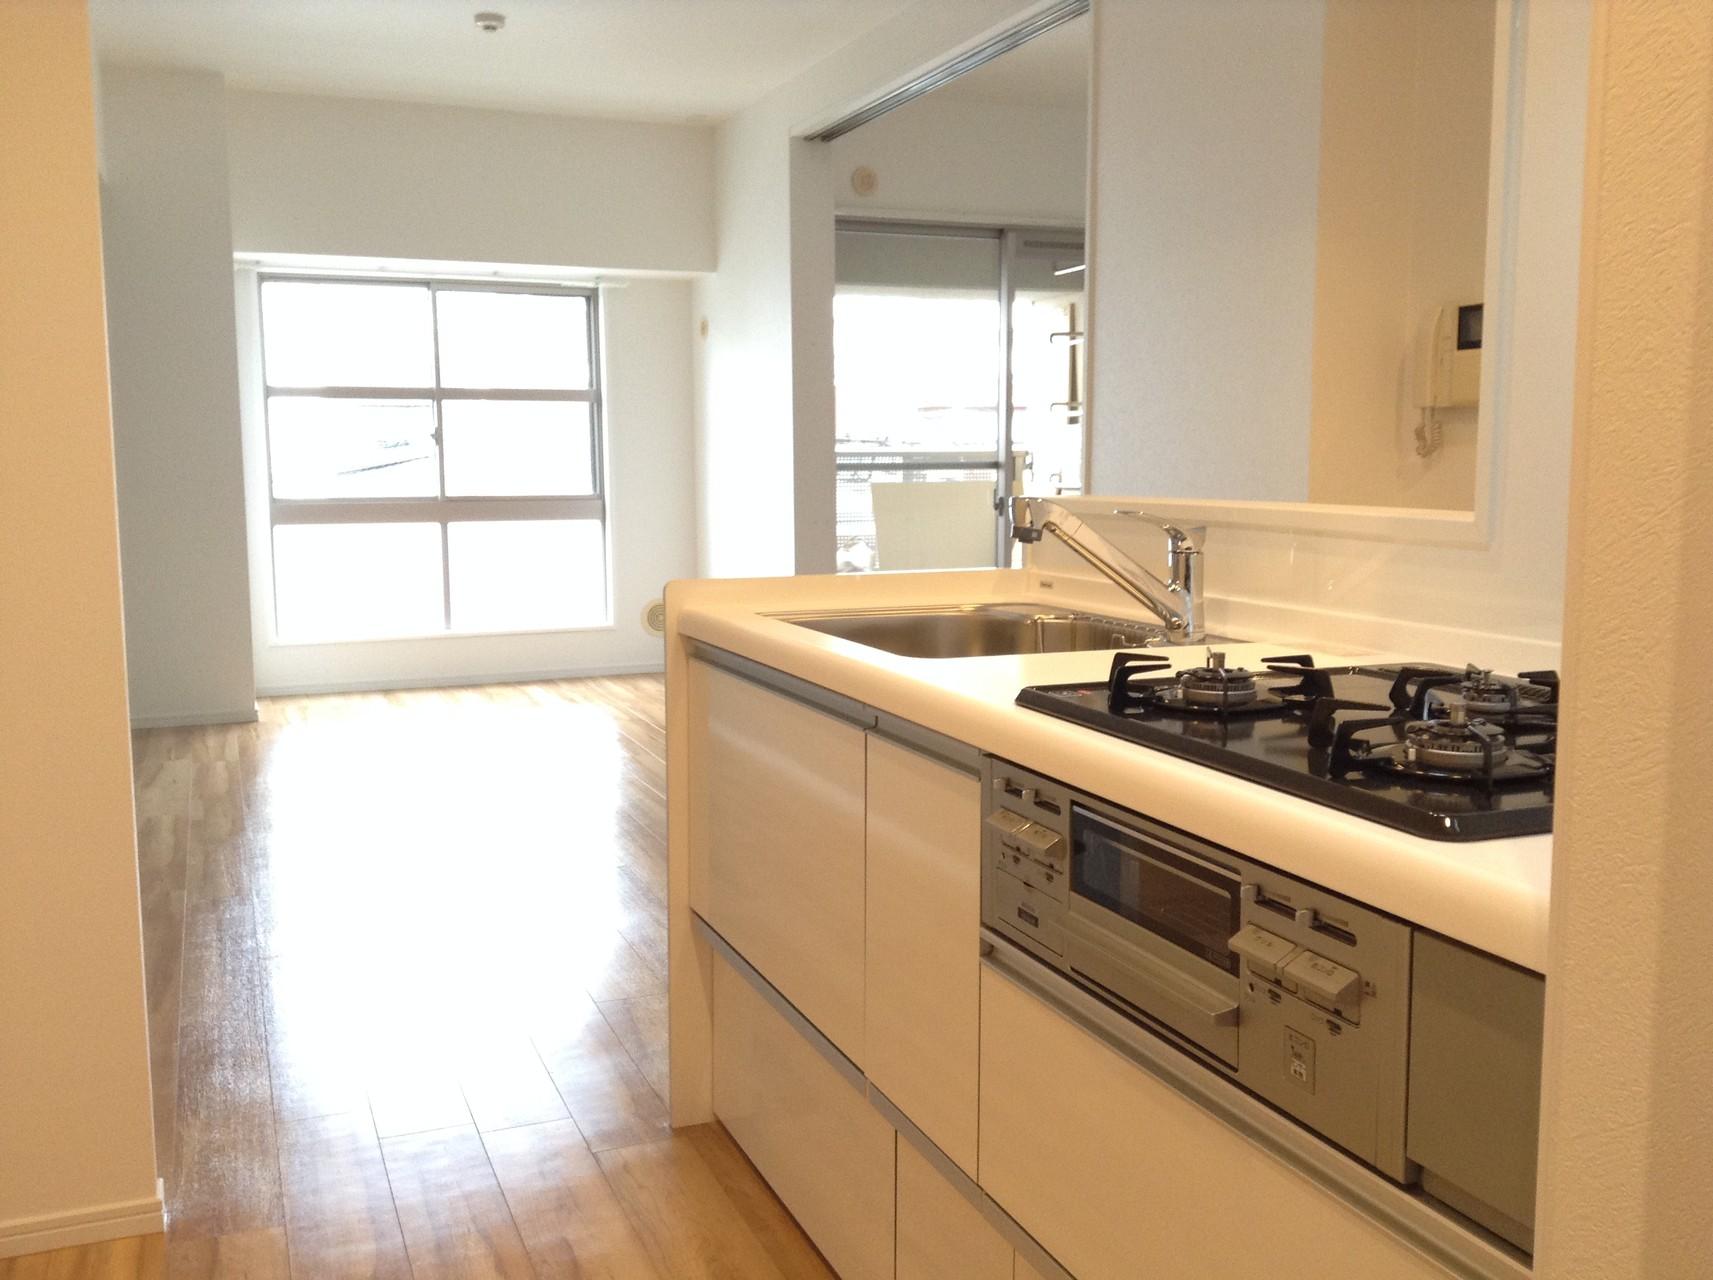 白くて清潔感のある引出式キッチン